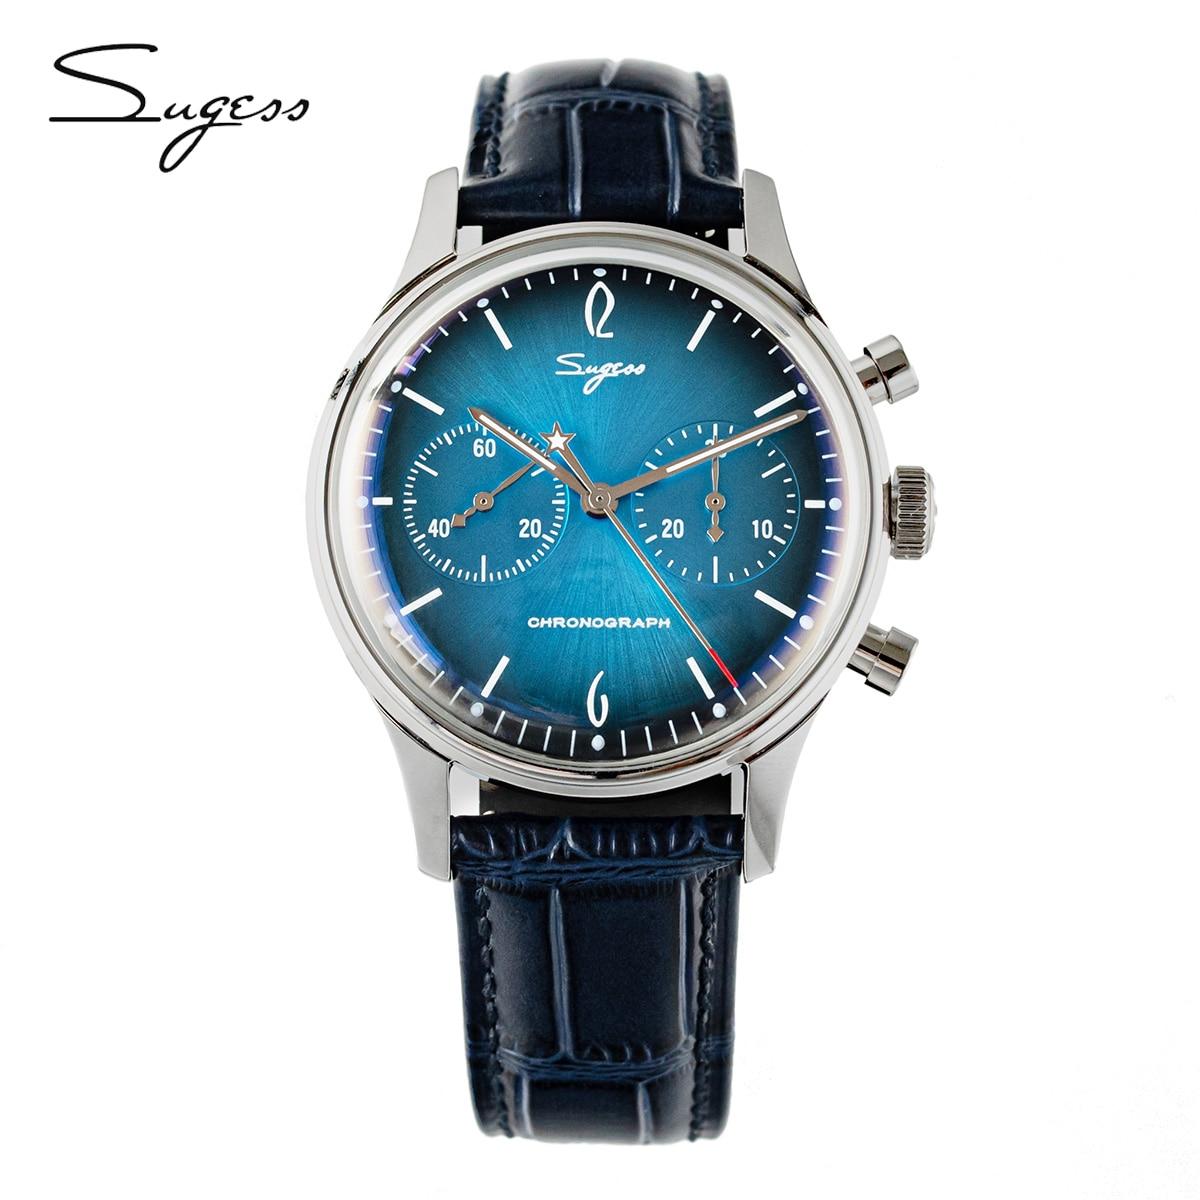 Sugess ساعة كرونوغراف الرجال الأزرق الهاتفي الطيار ساعة ميكانيكية كرونوغراف النورس حركة st1901 40 مللي متر ساعات رجالي 2021 الفاخرة